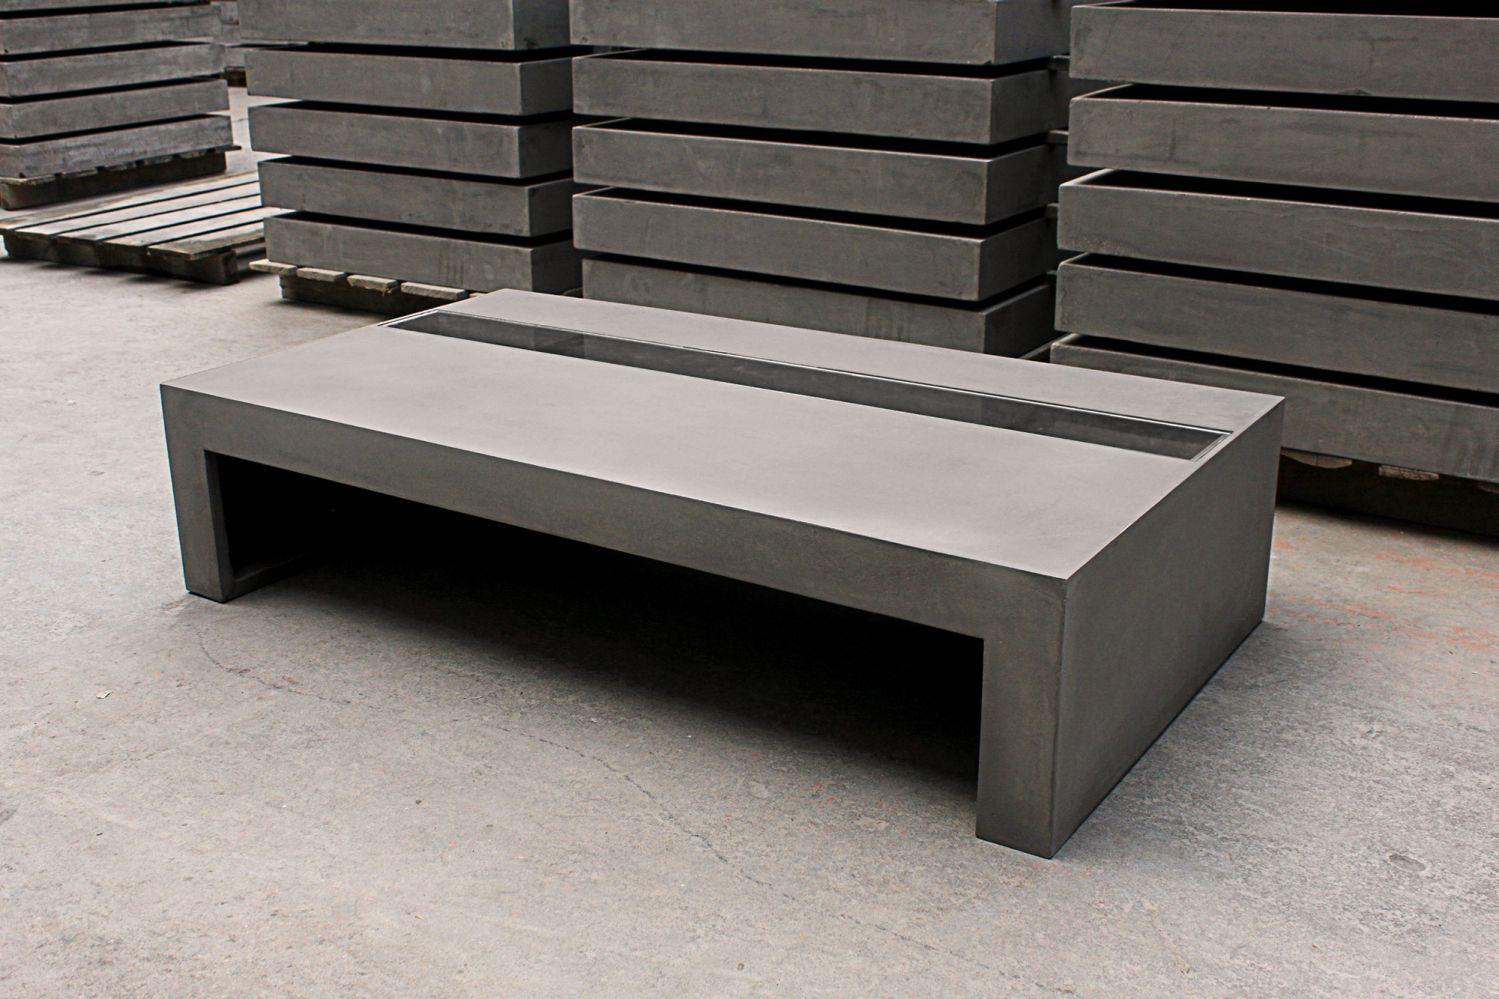 Meuble de jardin en b ton cir tr s original meuble et d coration marseille mobilier design for Table beton cire exterieur